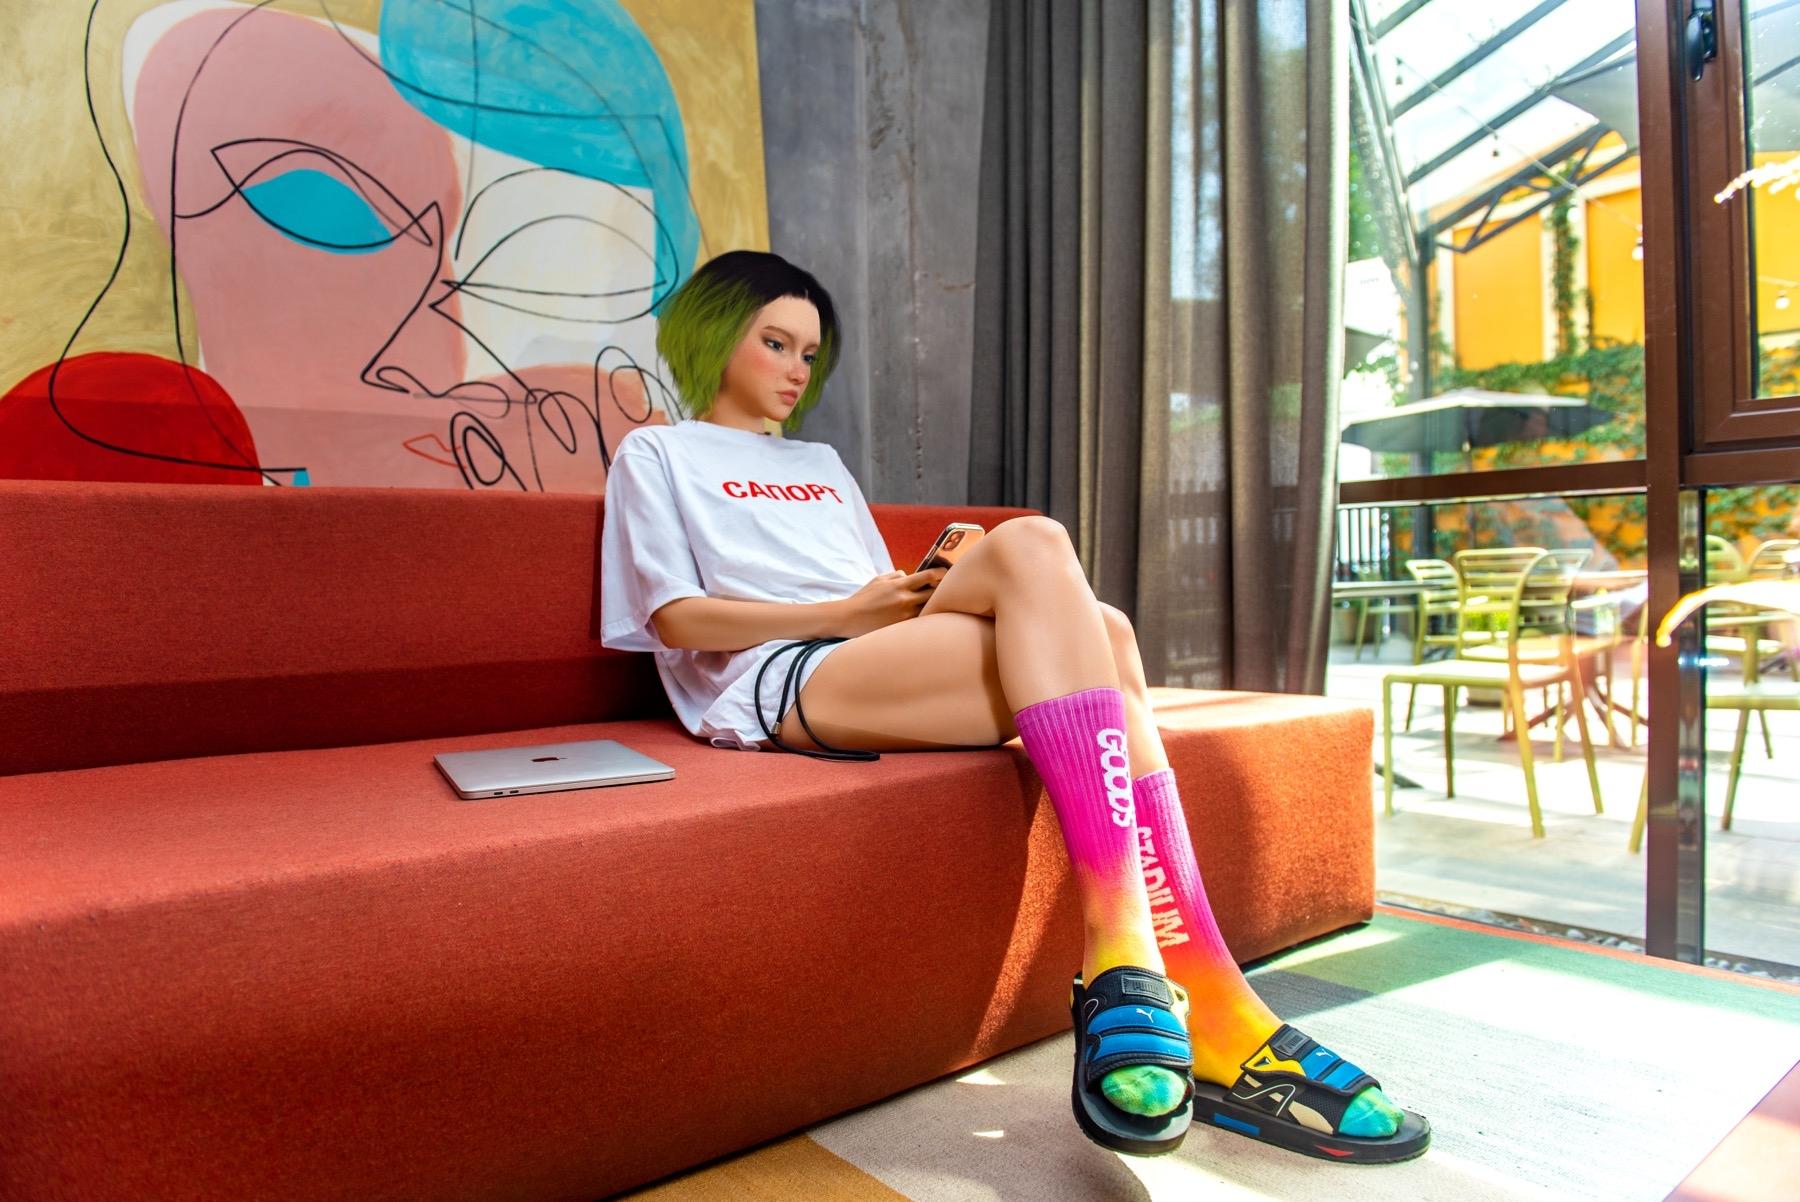 В Украине создали первую цифровую fashion-инфлюенсерку в Instagram: ее зовут Астра Стар (ФОТО) - фото №1